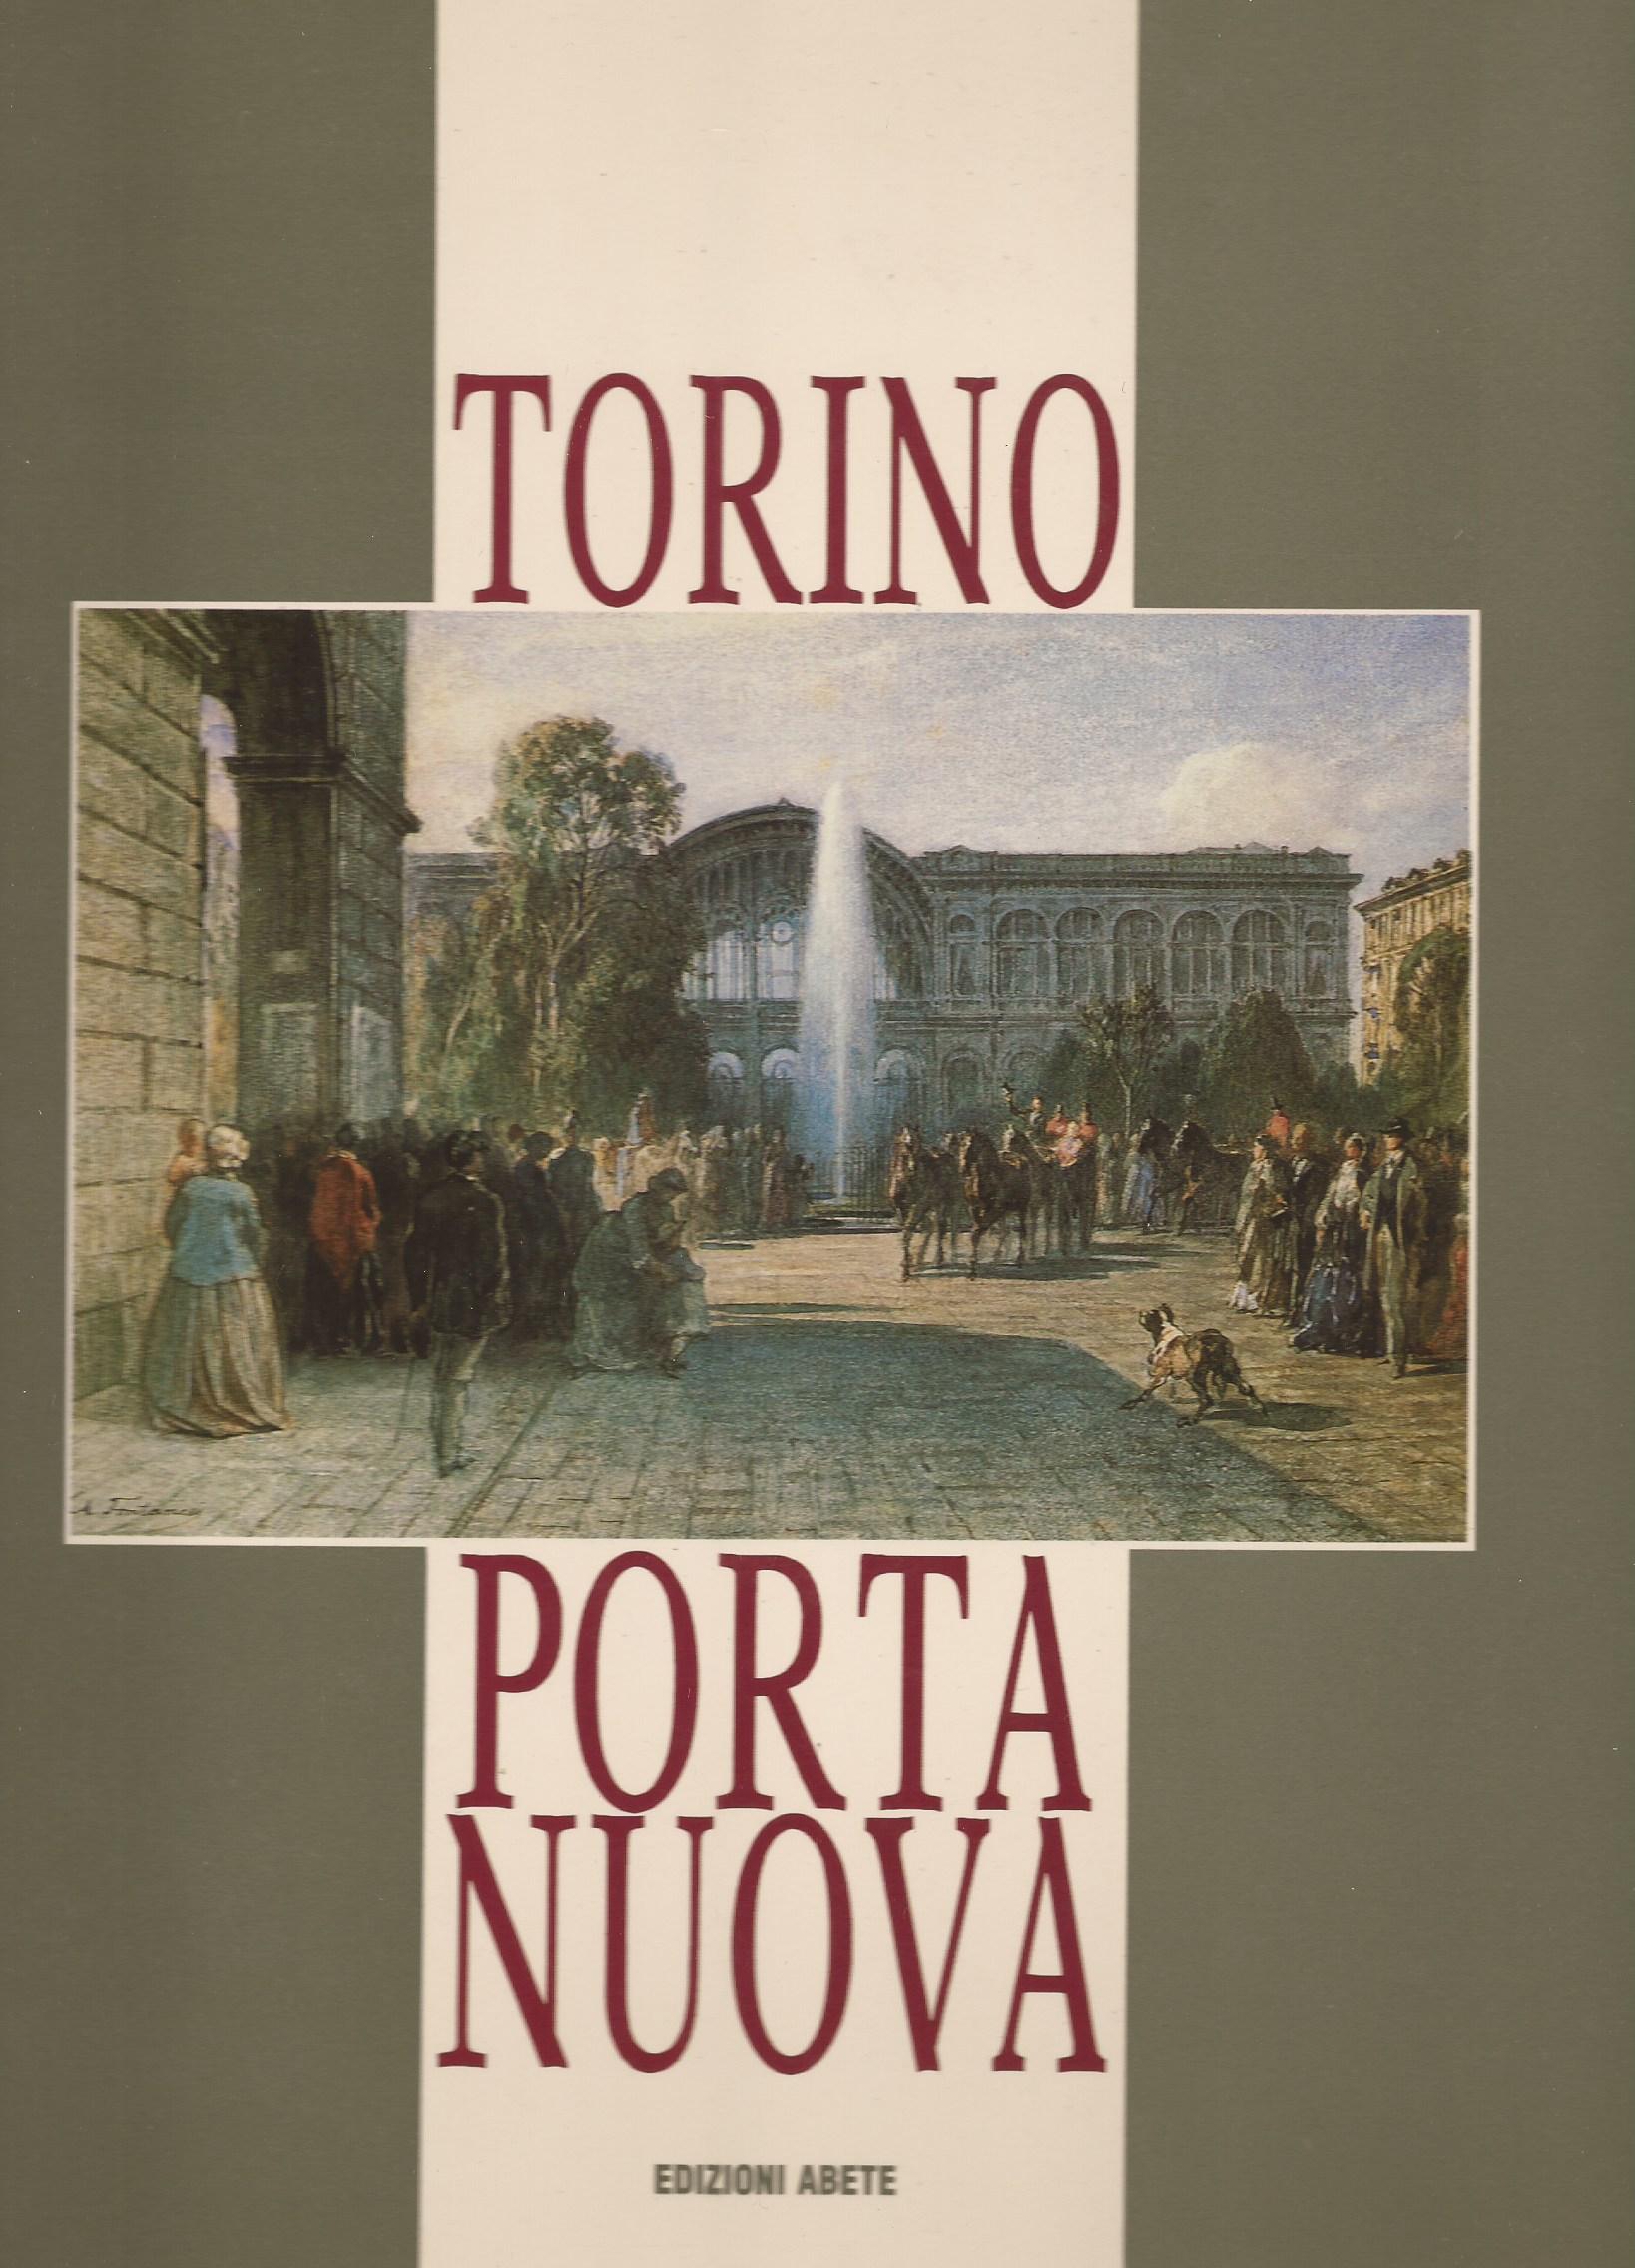 Torino Porta Nuova